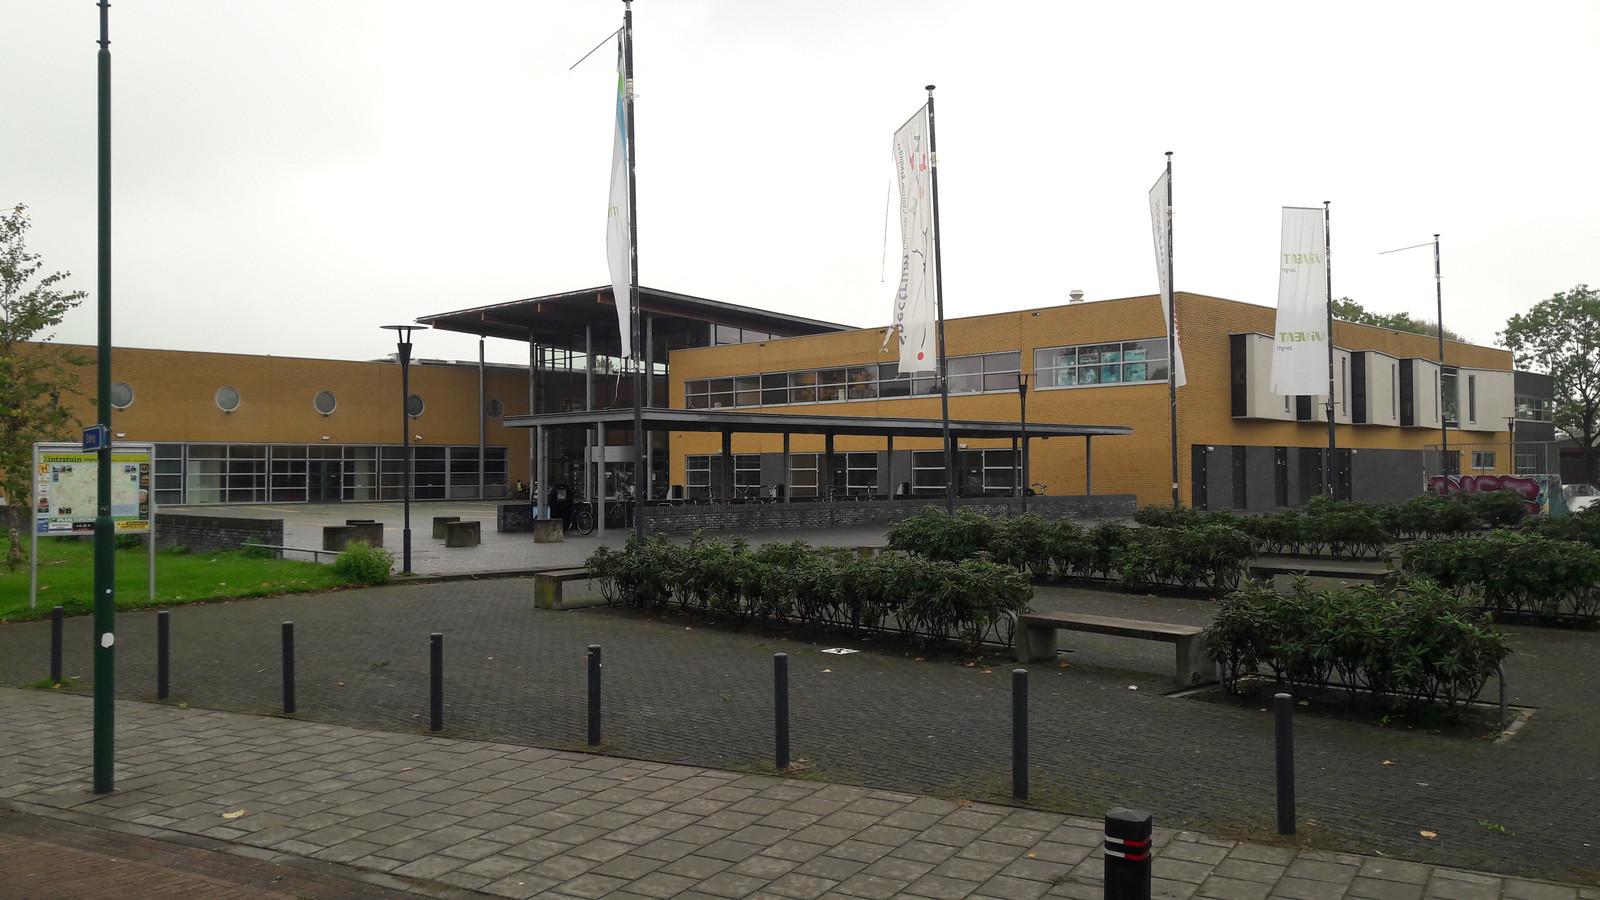 """'t Spectrum in Schijndel is volgens Antoon Buiting heel goed toegankelijk voor mensen met een beperking. ,,De invalidetoiletten zijn prima en je hebt er ook een geleidelijn voor blinden en slechtzienden."""""""